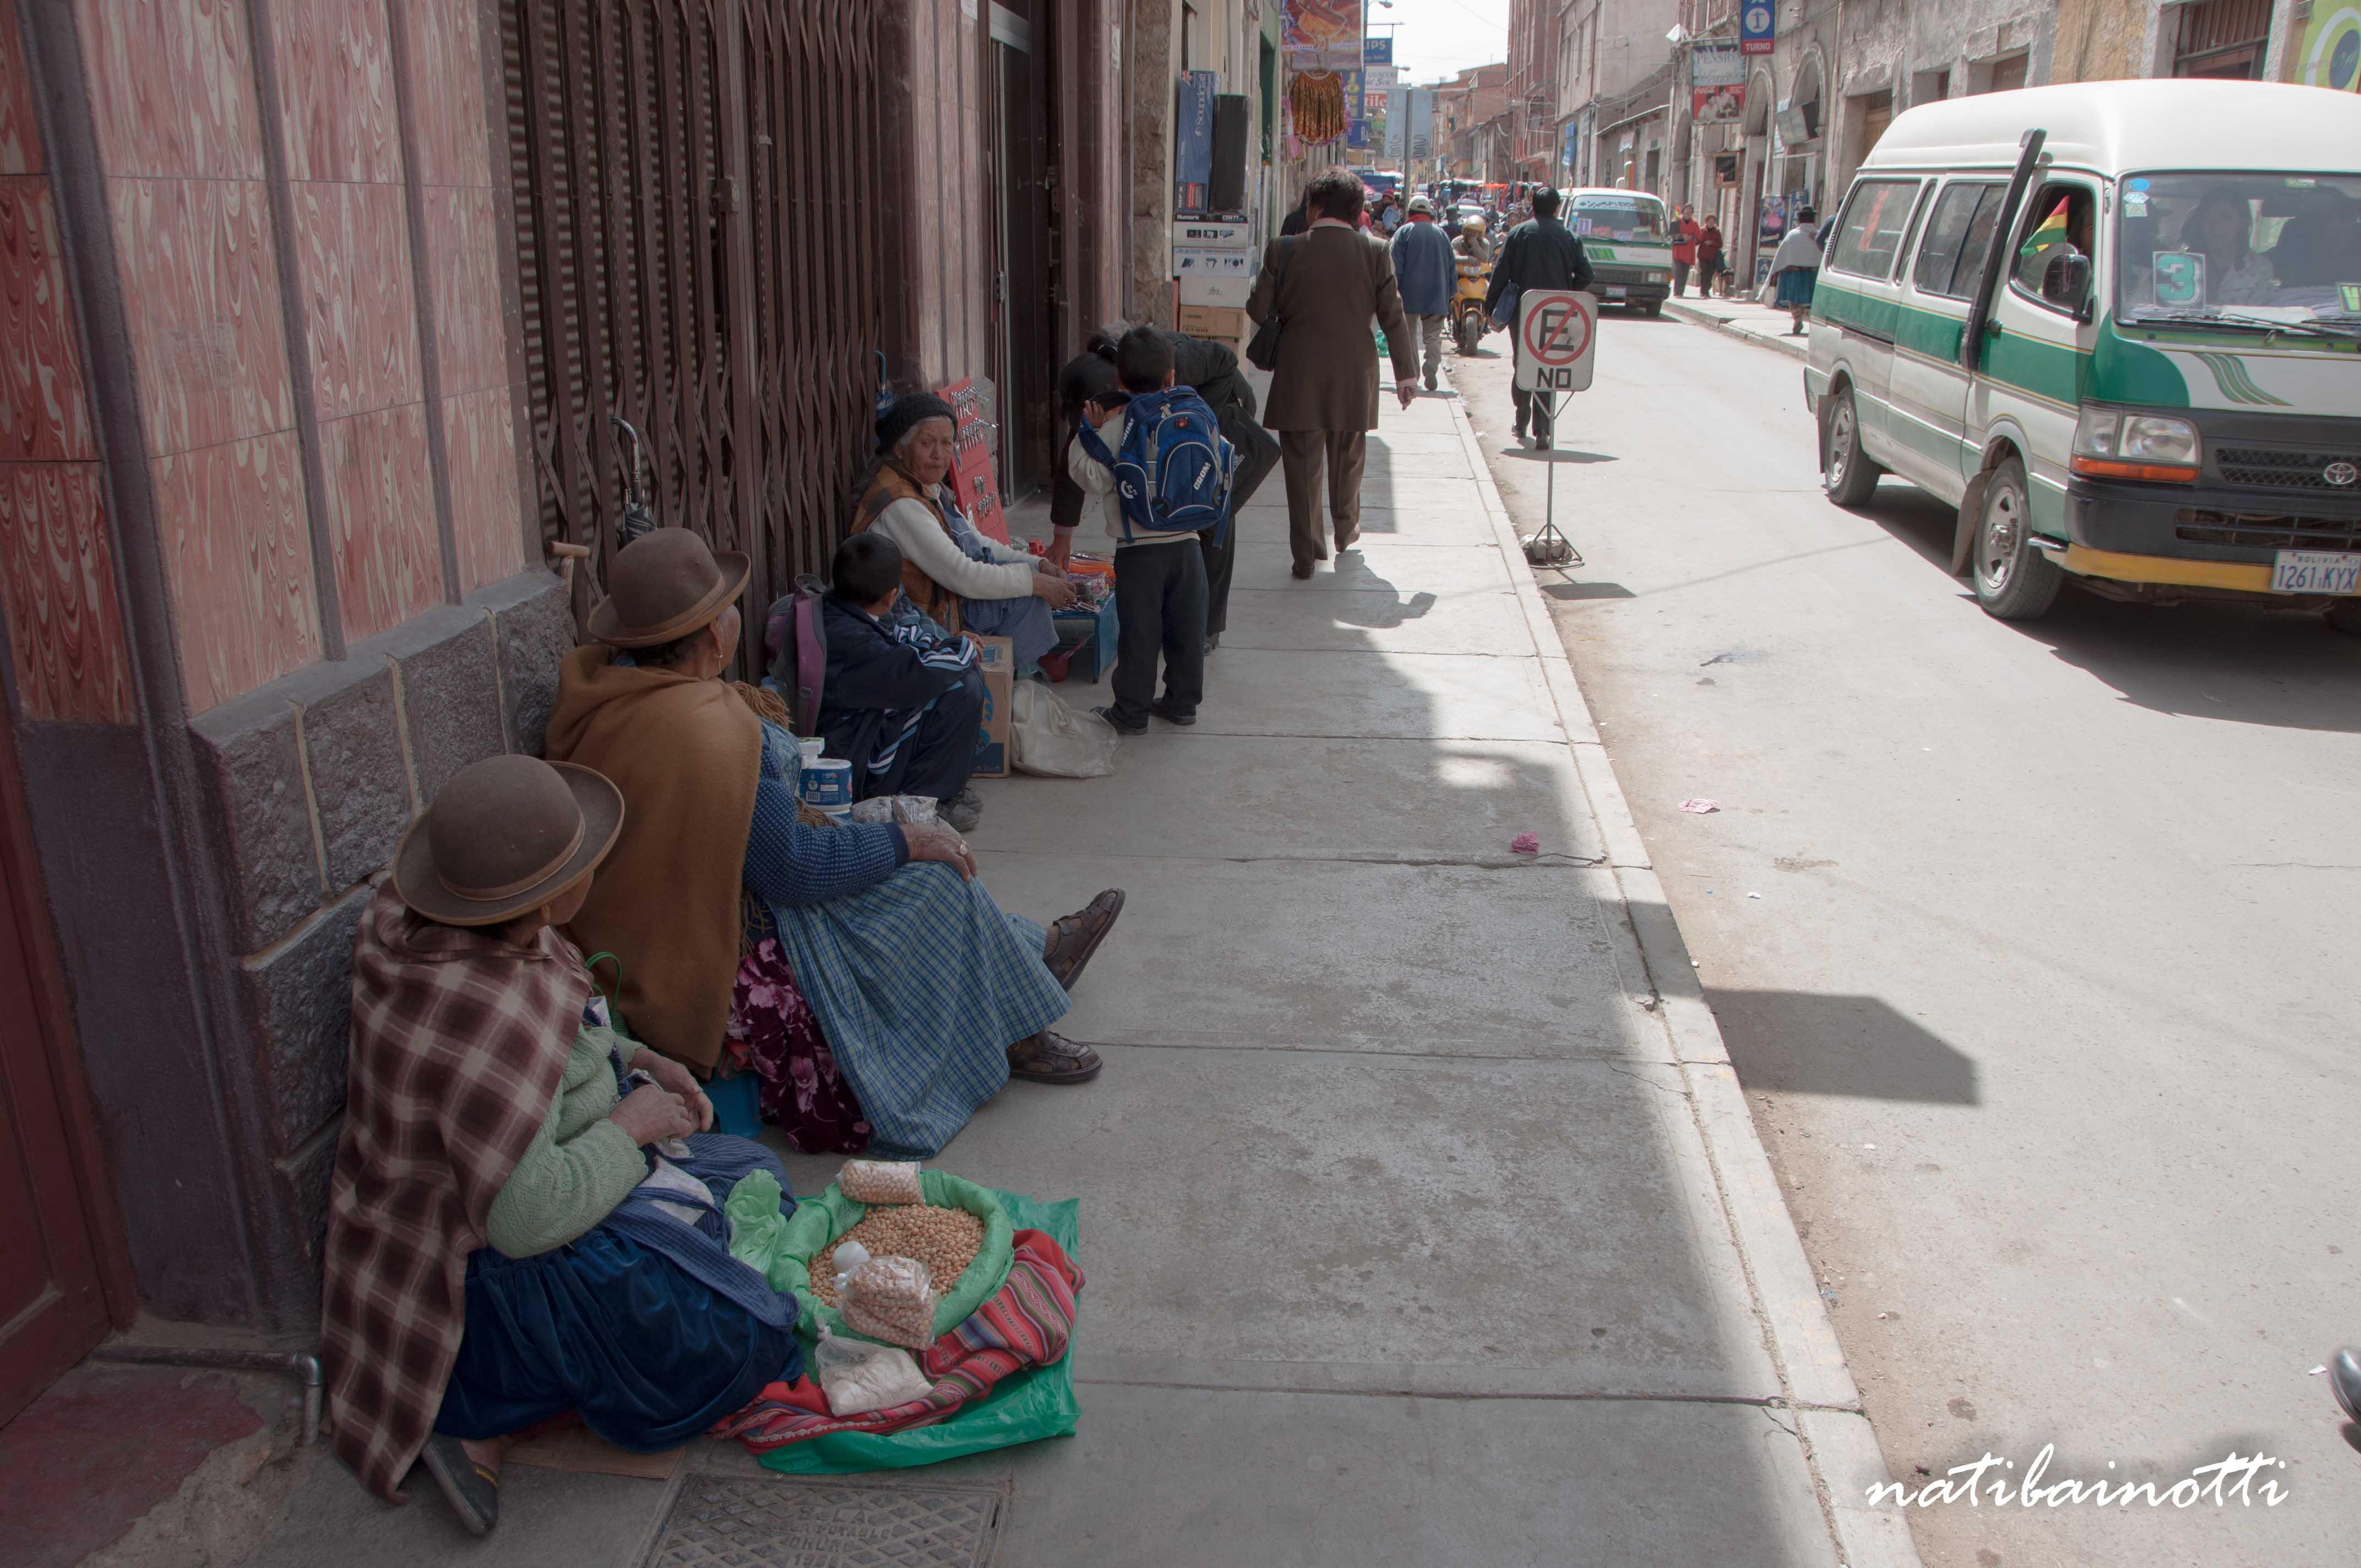 Vendedores callejeros instalados en las veredas.